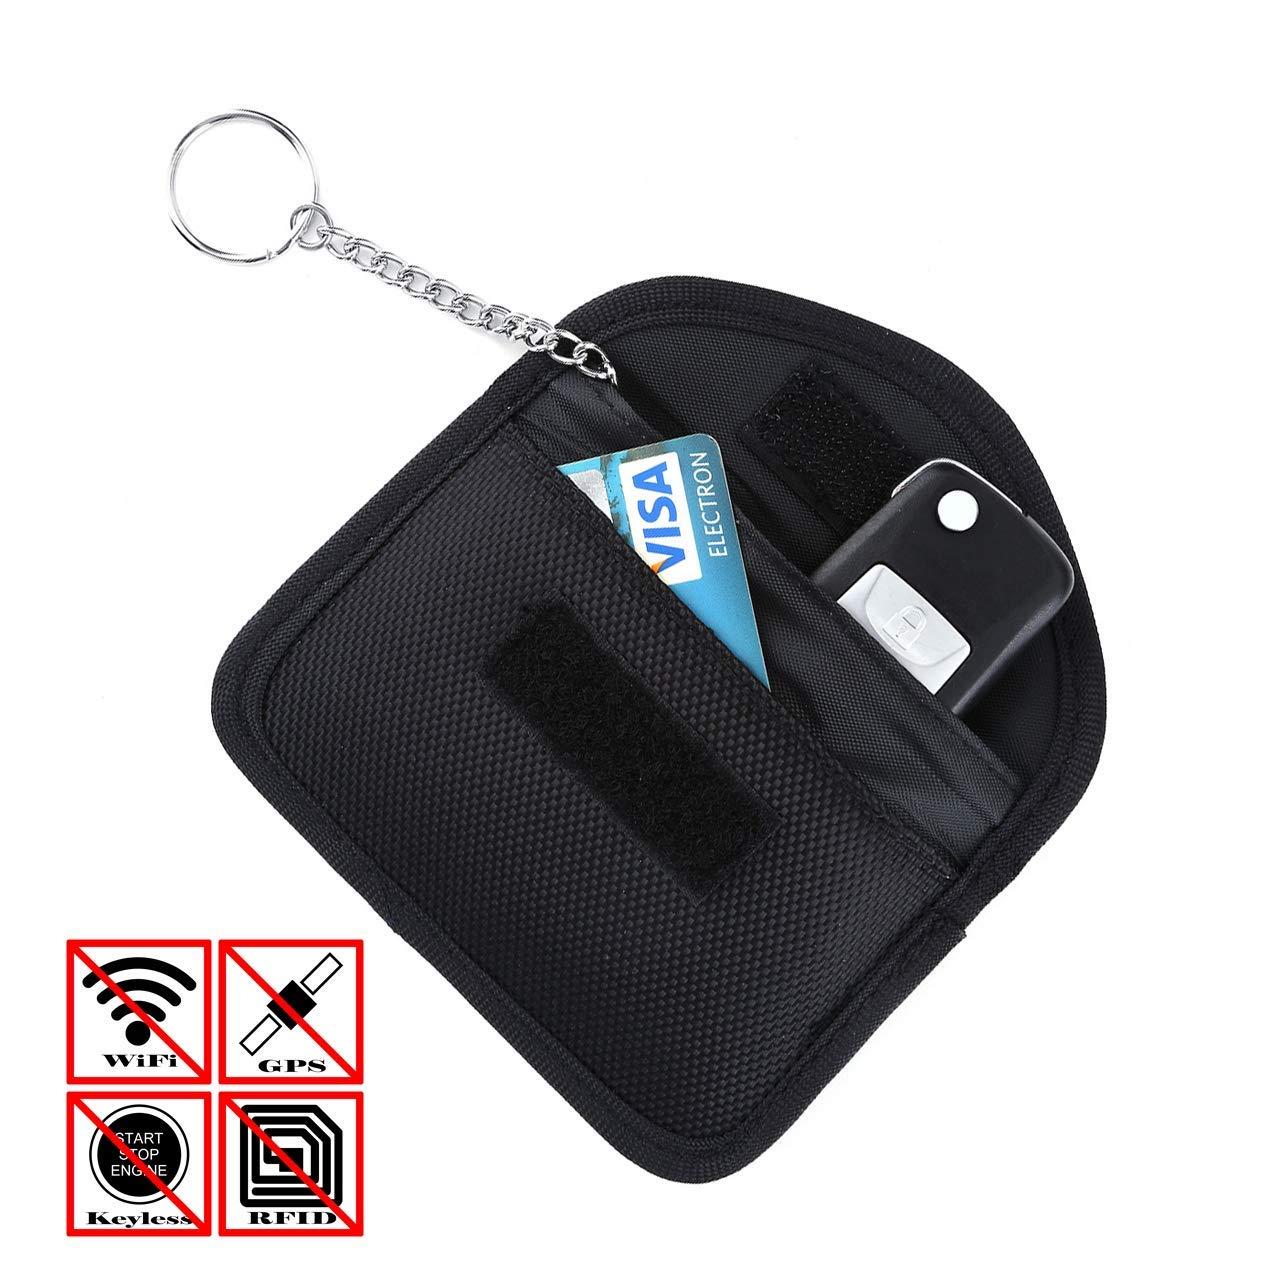 Keyless Go Schutz Autoschlüssel, ZOORE Aktualisierte Version Schutz Autoschlüssel Hülle & Zhülle Kreditkarte RFID Faraday Tasche, Verhindern Sie den Diebstahl Ihres Autos, RFID/NFC/WLAN/GSM/ Blocker